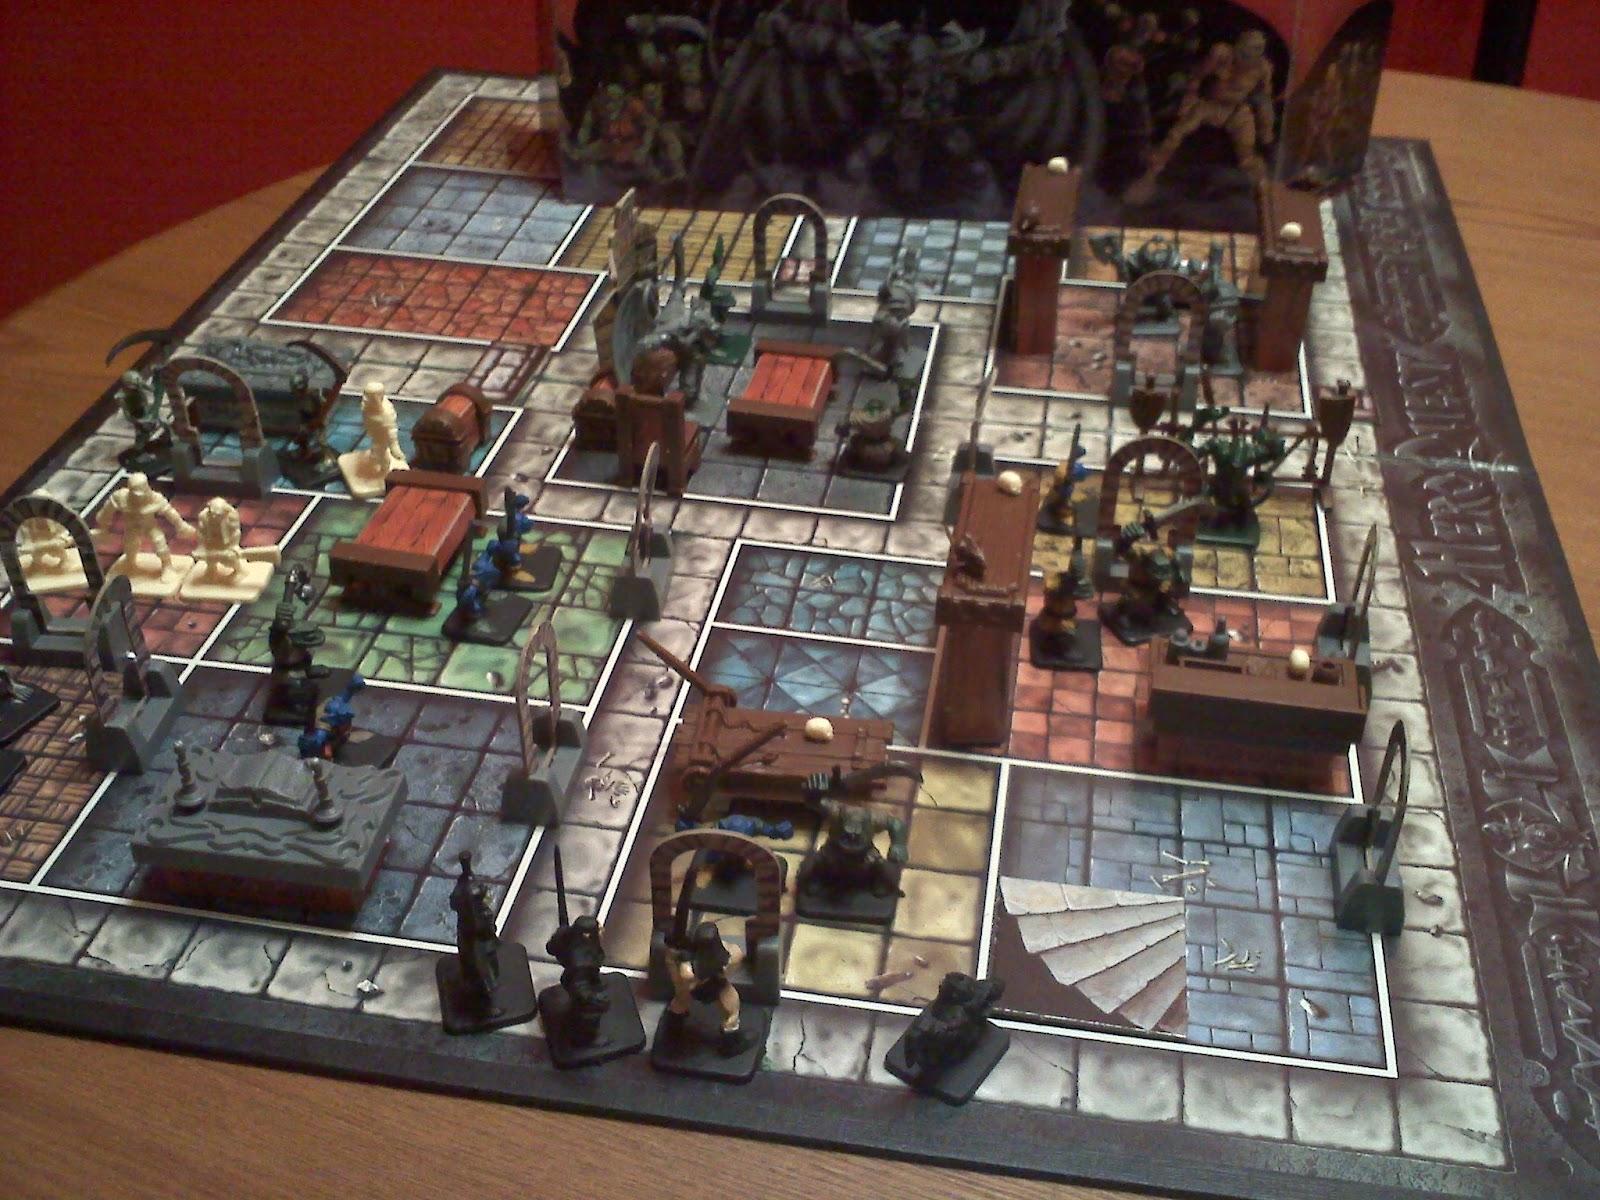 Hero quest zoom3 venez d couvrir l 39 univers du ludique en val de cher - Dungeon gioco da tavolo ...